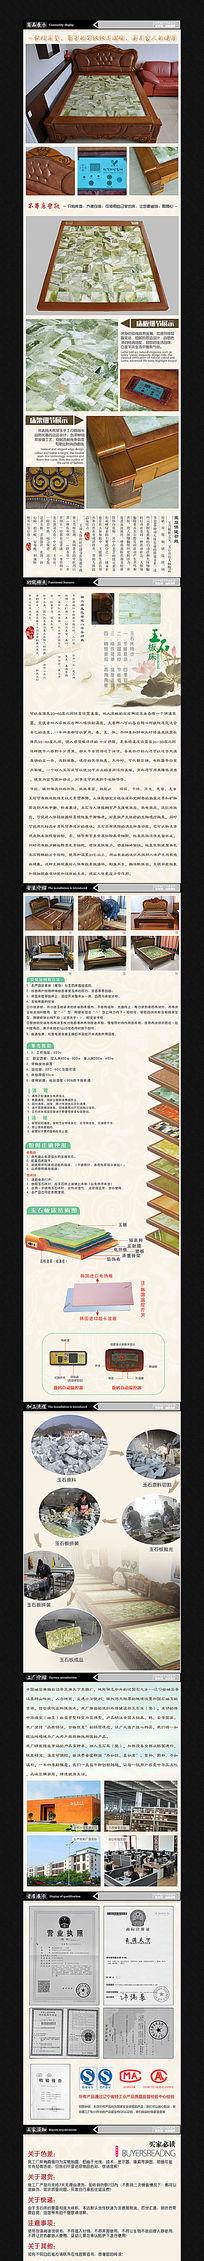 淘宝地巾地毯详情页描述图模板